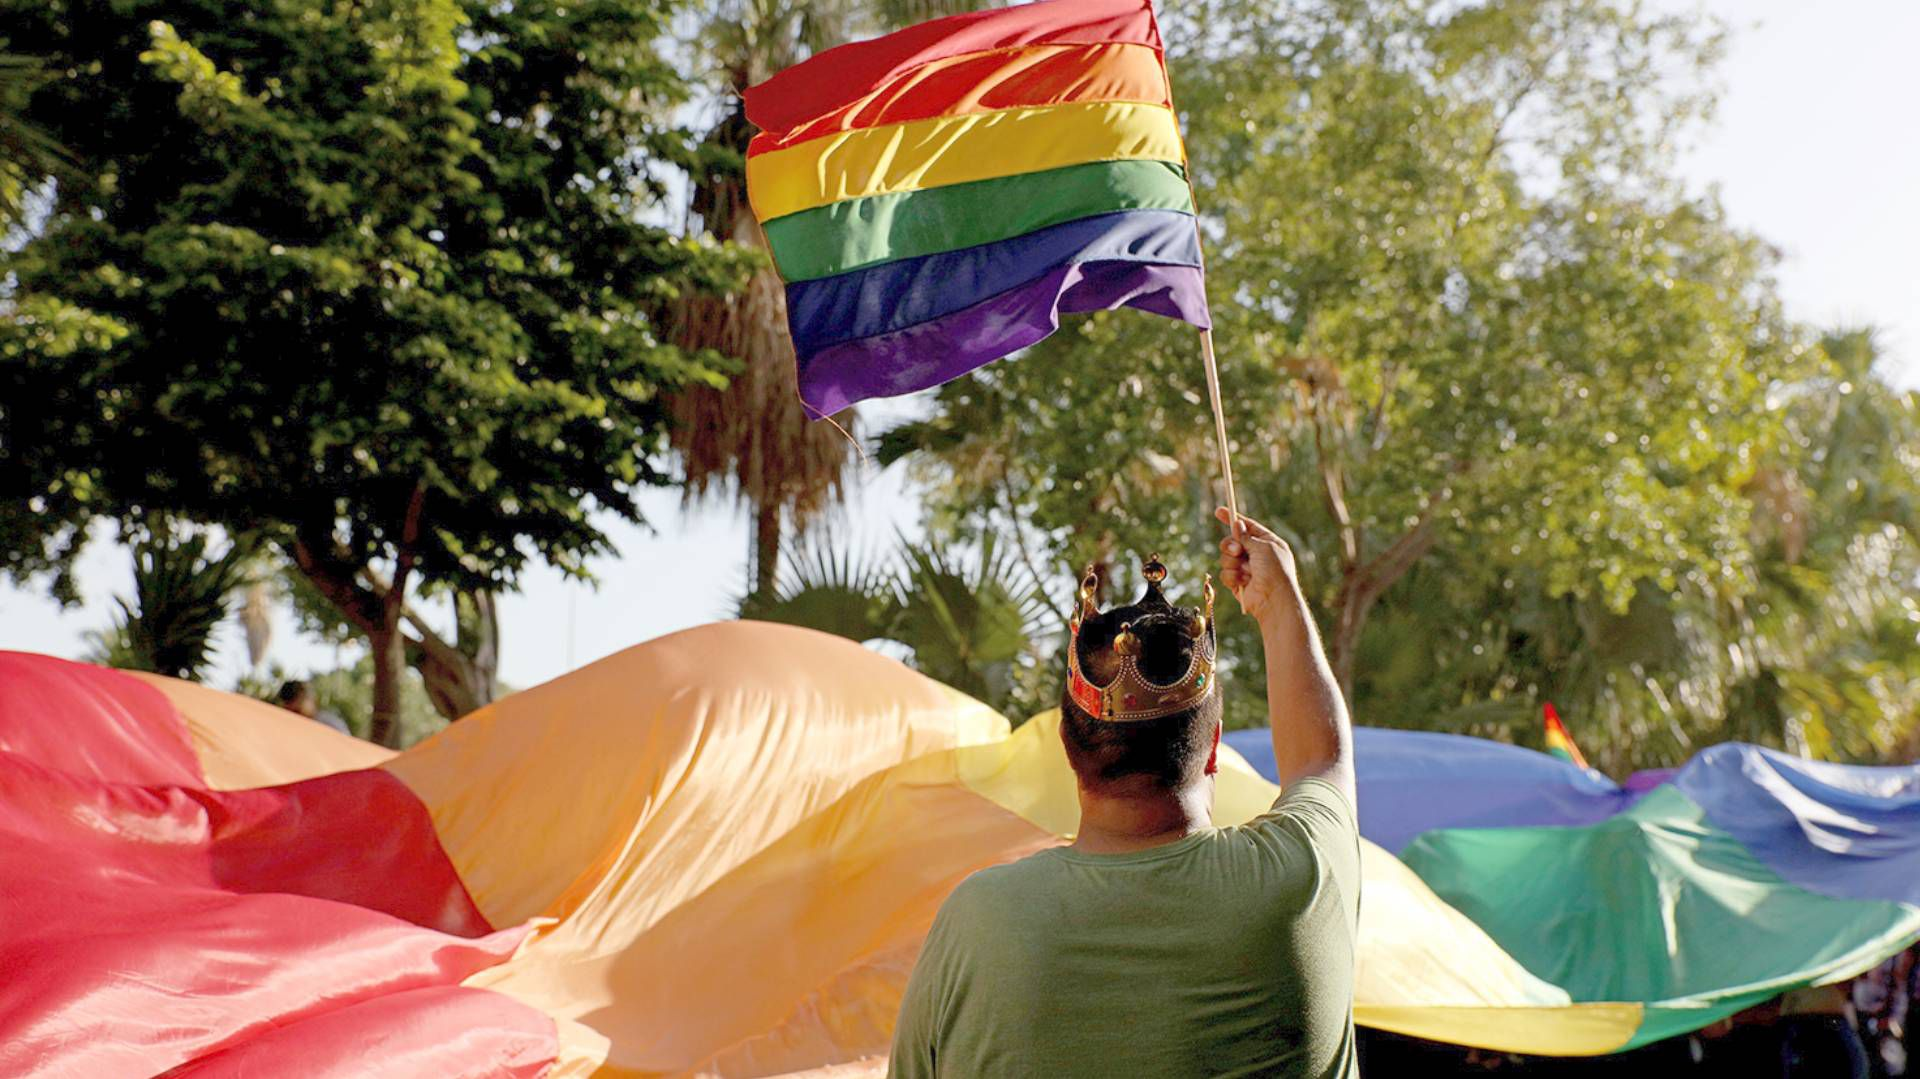 Asociaciones a favor de la diversidad sexual no se han dado por vencidas en Yucatán (Foto: Cuartoscuro)